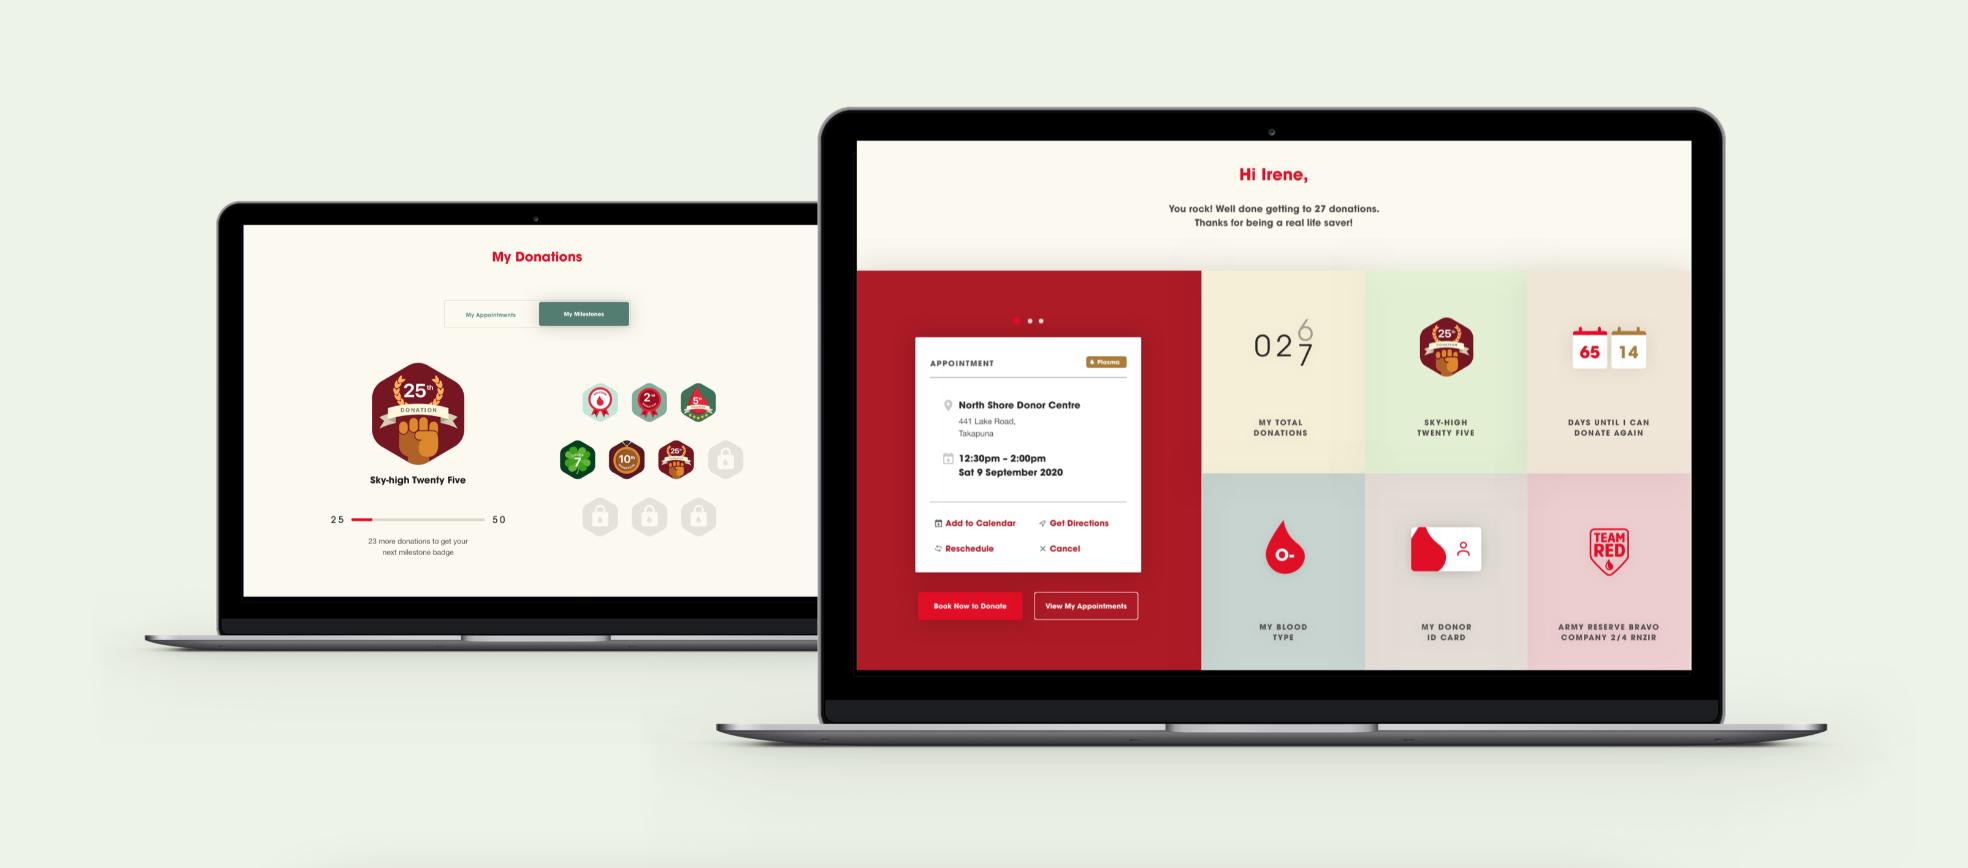 new_zealand_blood_donor_portal_silverstripe_development.png#asset:1292